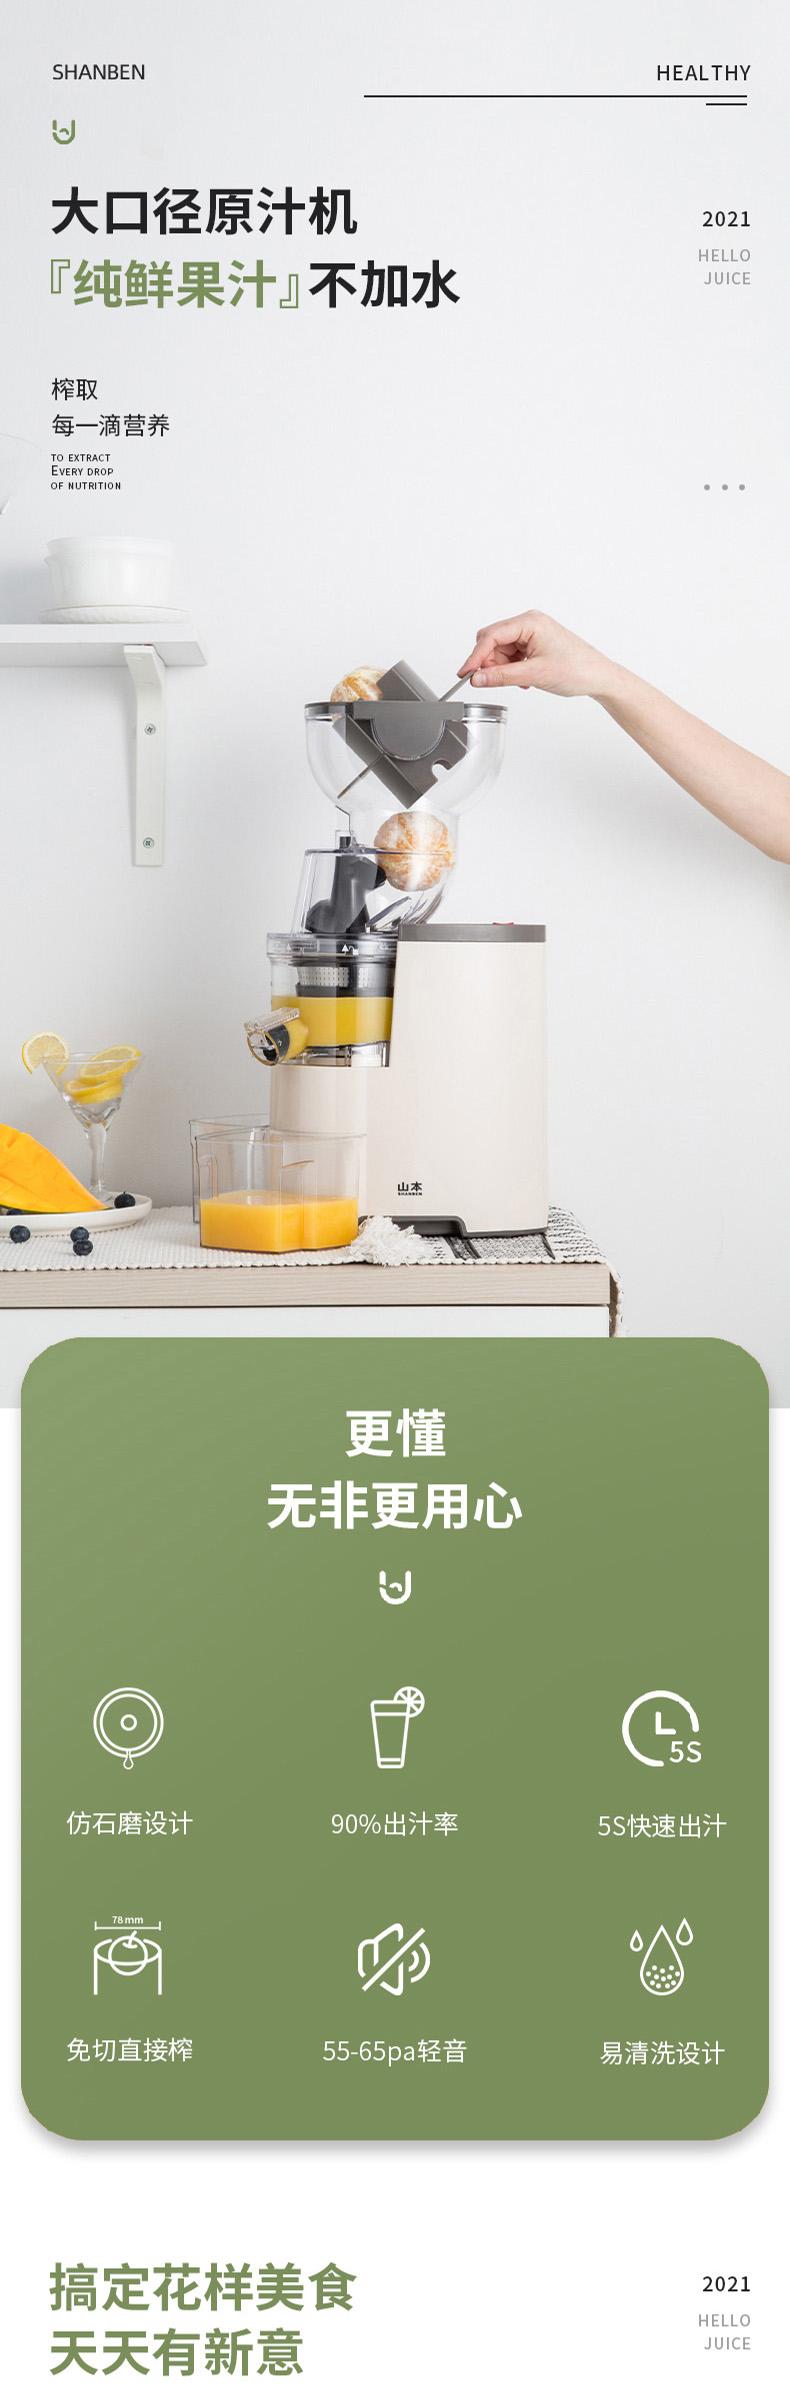 山本 全自动大口径原汁机 慢速榨汁机 90%出汁率 图1